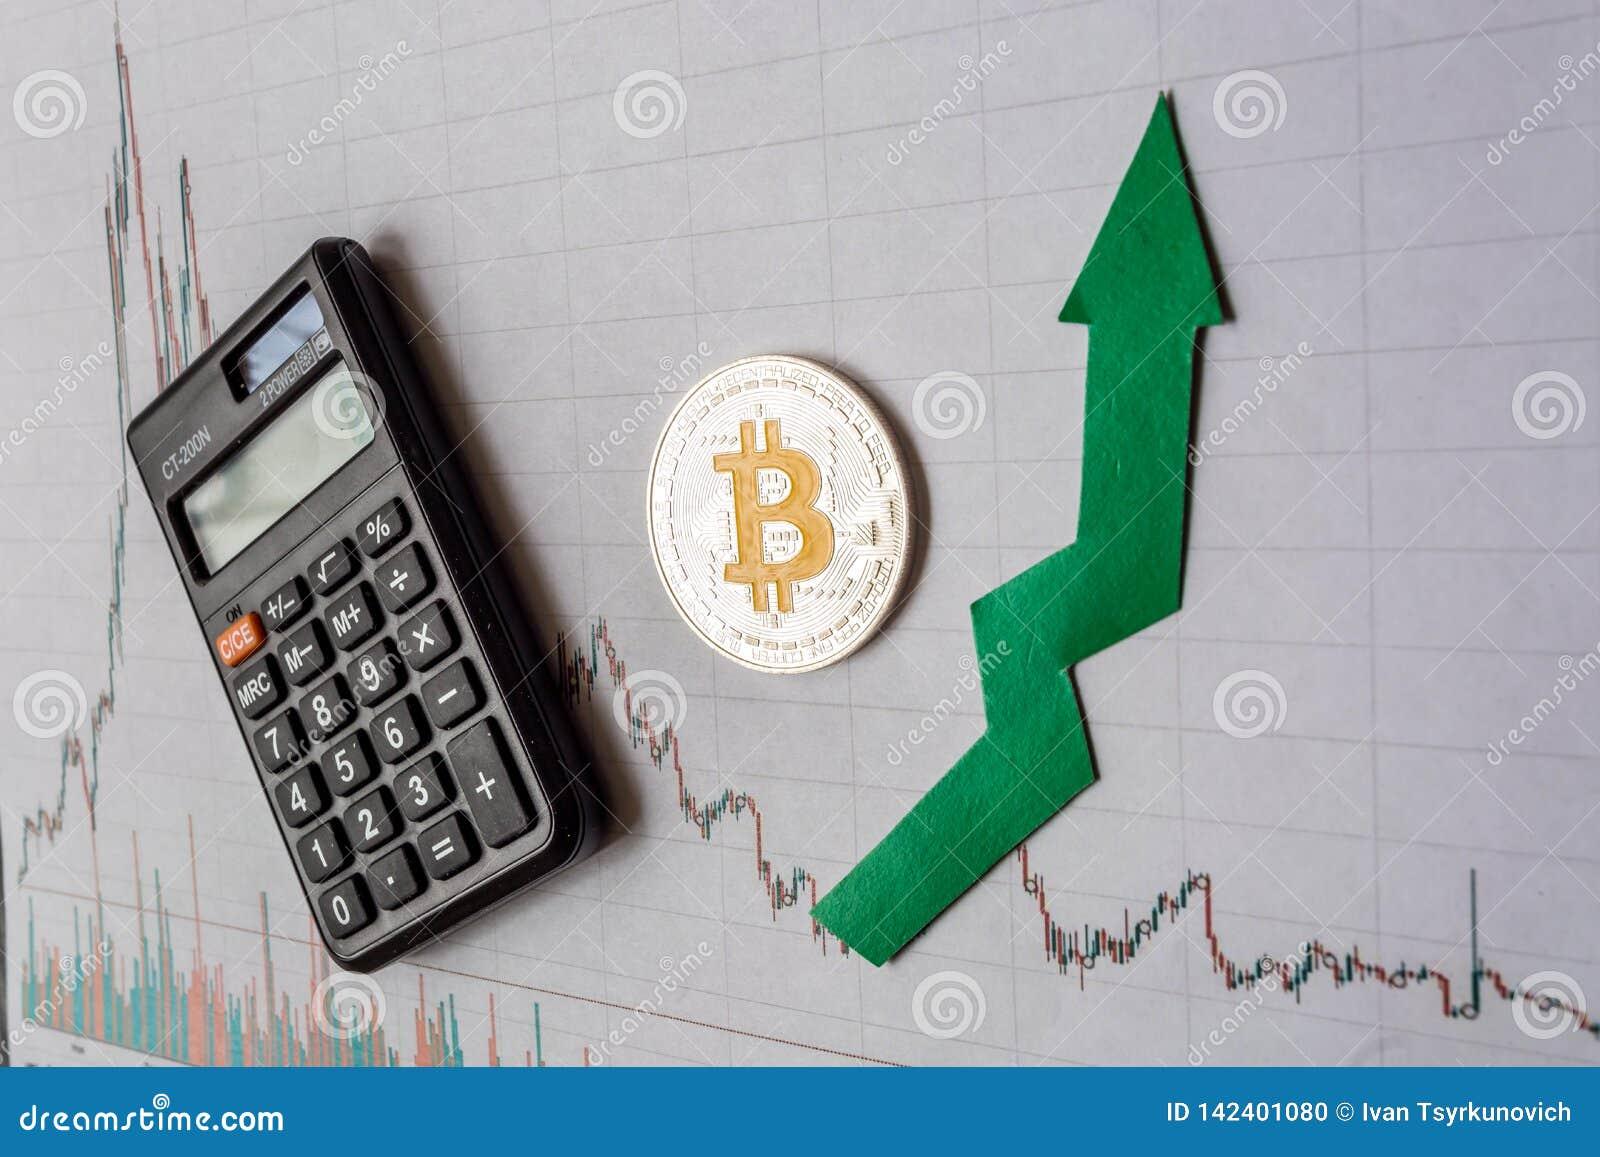 Anerkennung virtuellen Geld bitcoin Grüner Pfeil und silbernes Bitcoin auf Papierdevisendiagramm-Indexbewertung Devisenmarkt hina